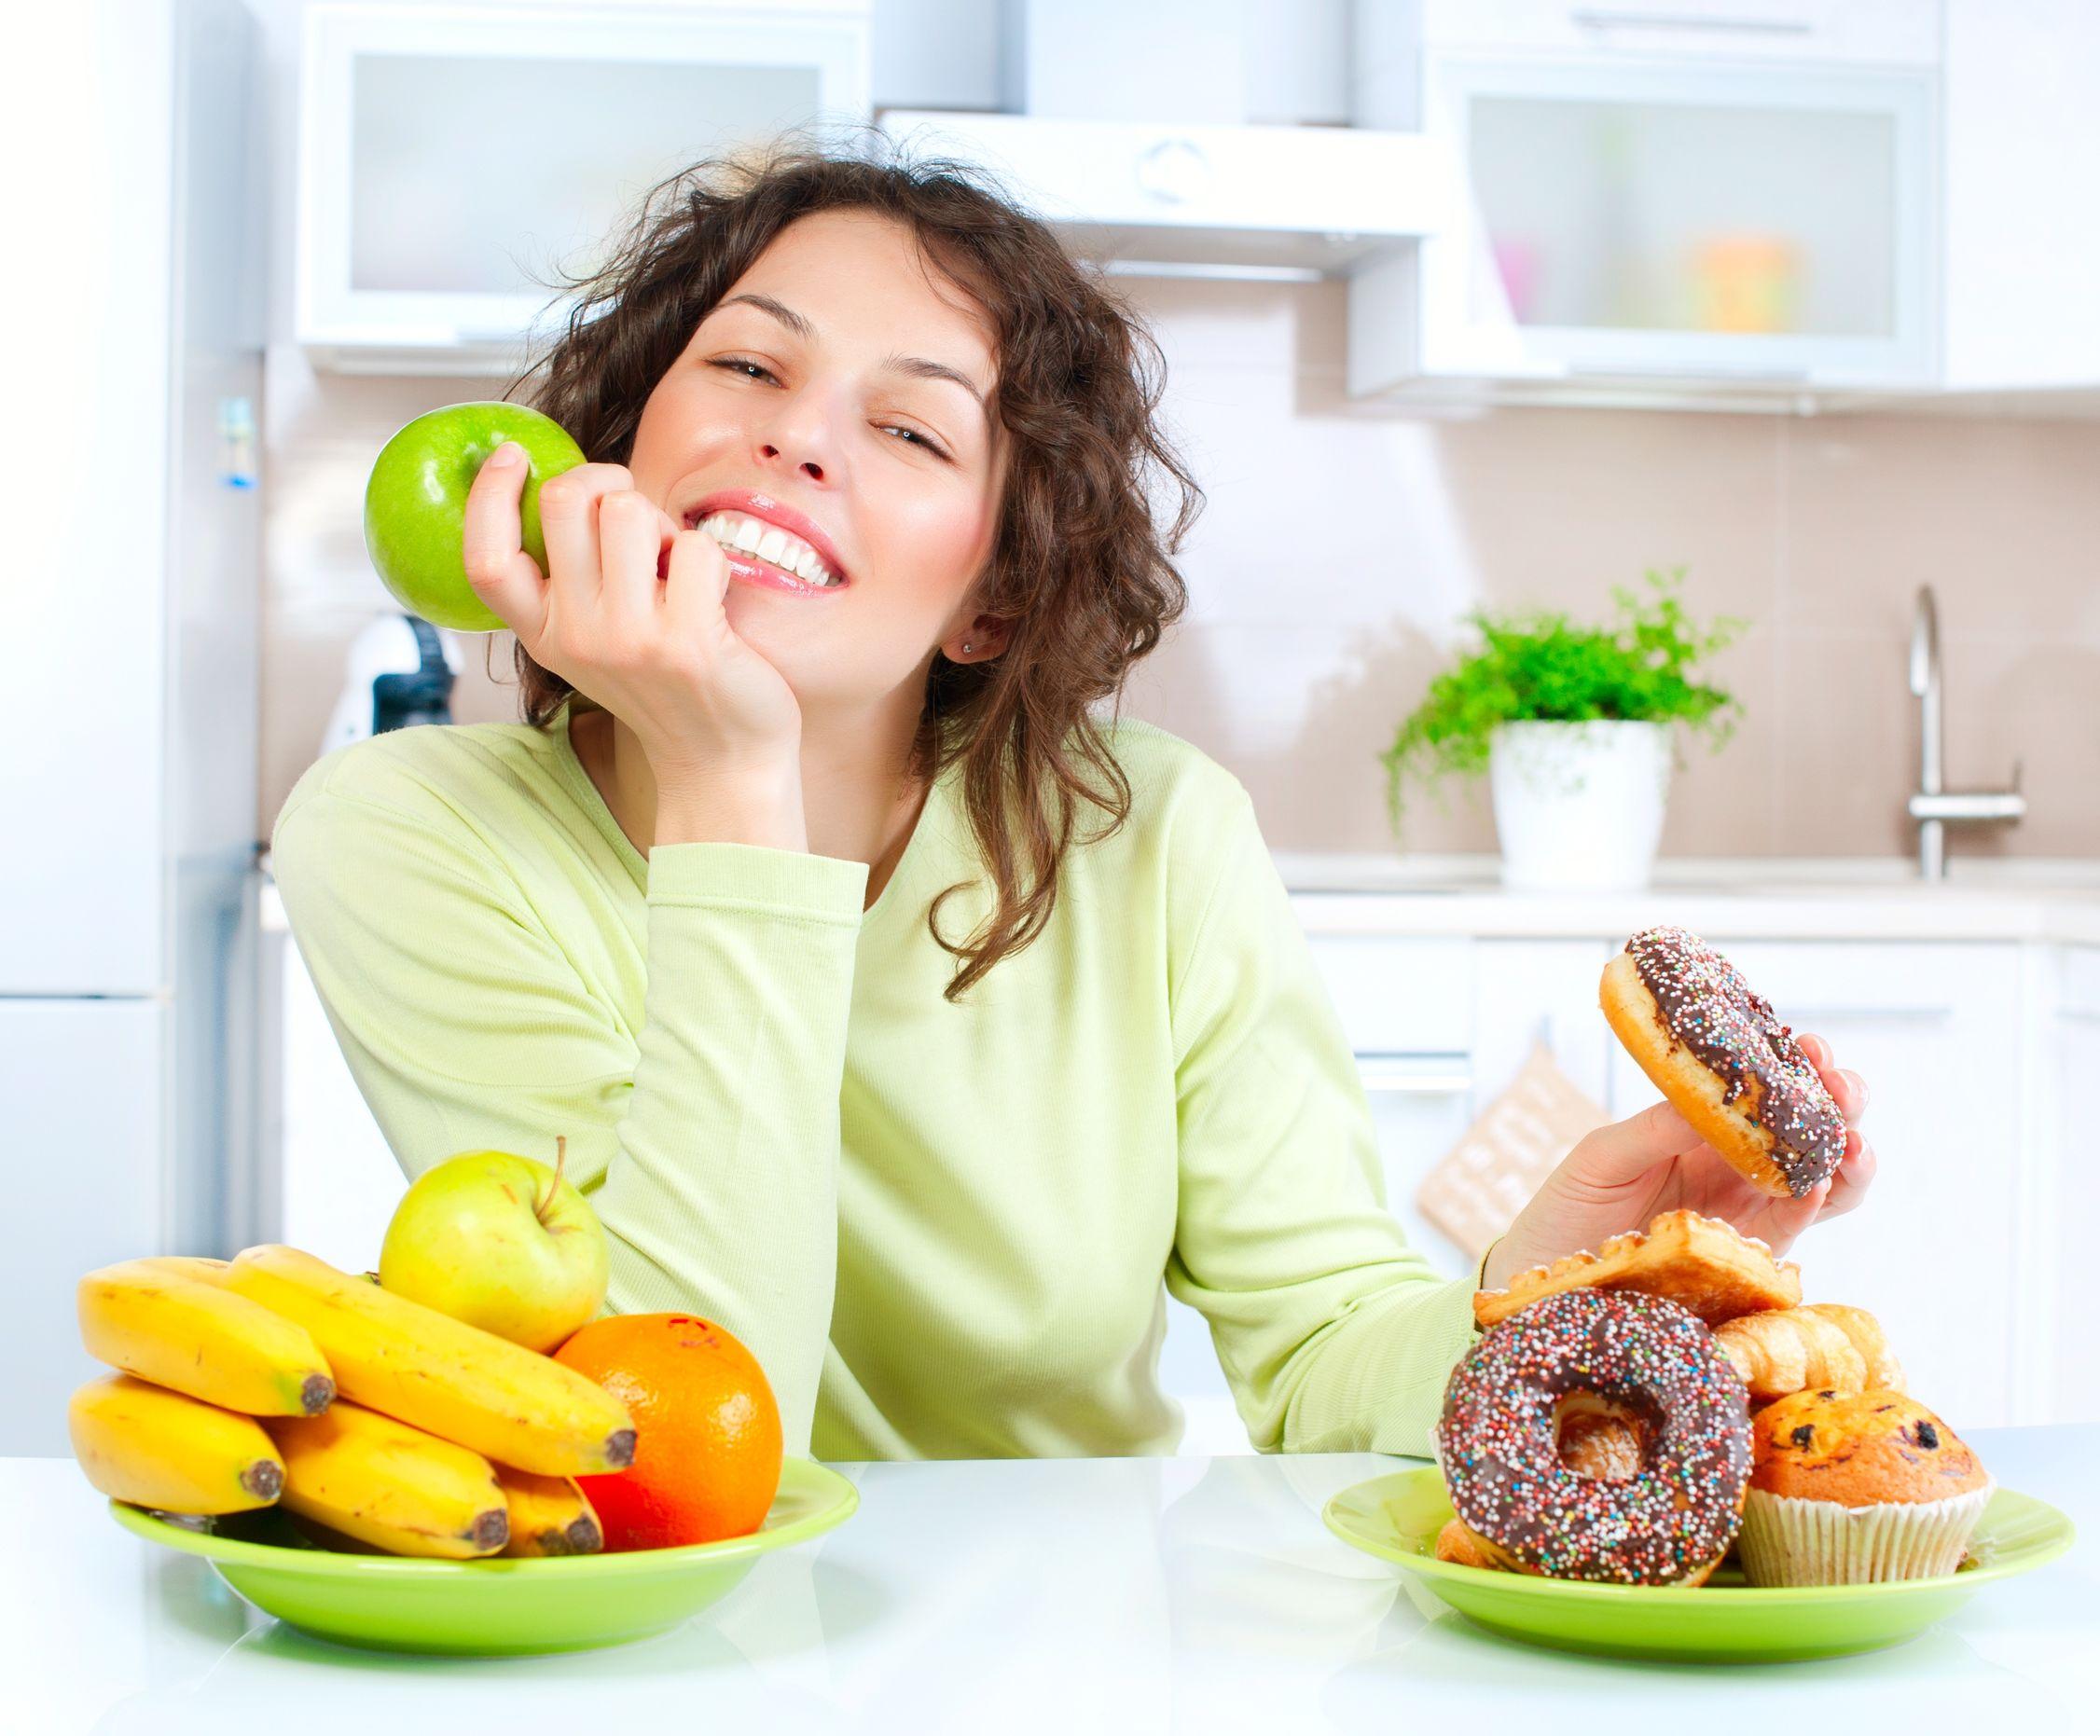 Megszólalt egy orvos: egy hónapig ne fogyaszd ezeket az élteleket és fogyni fogsz